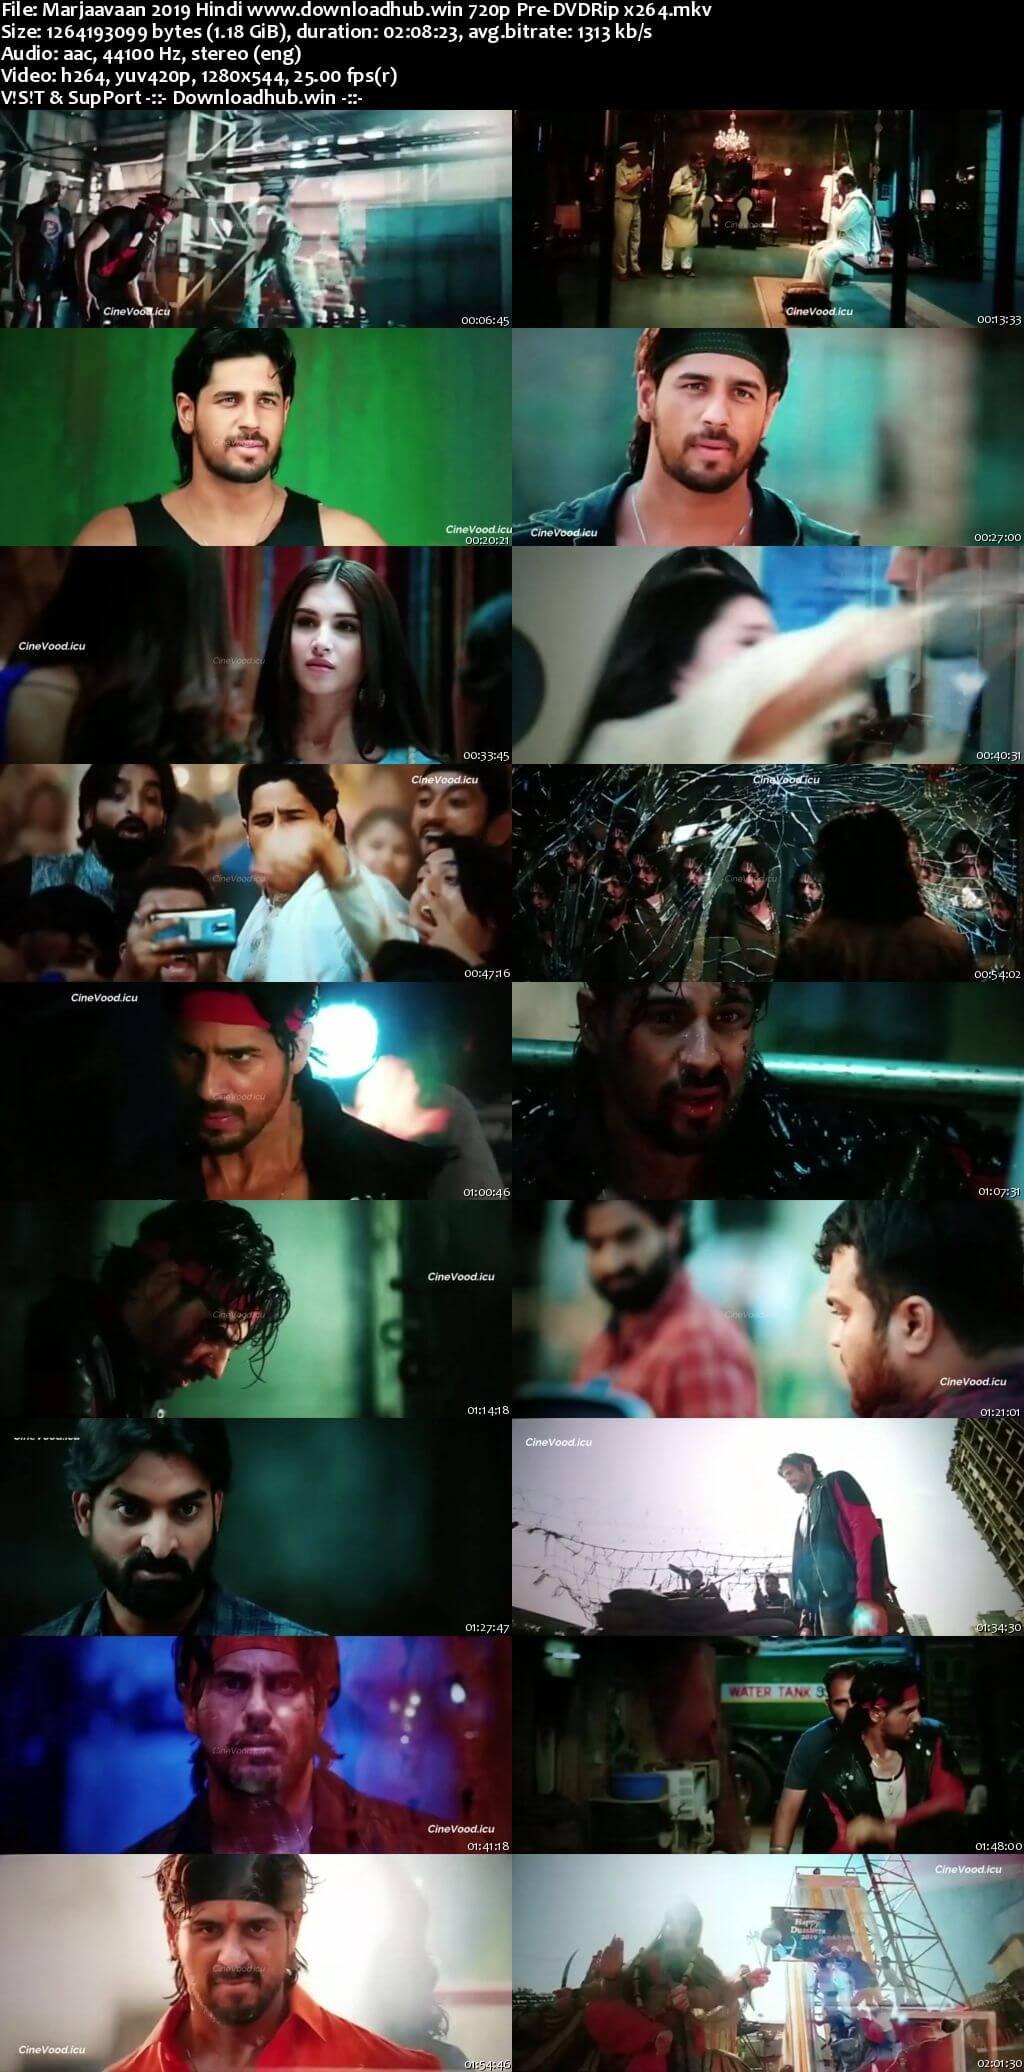 Marjaavaan 2019 Hindi 720p 480p Pre-DVDRip x264